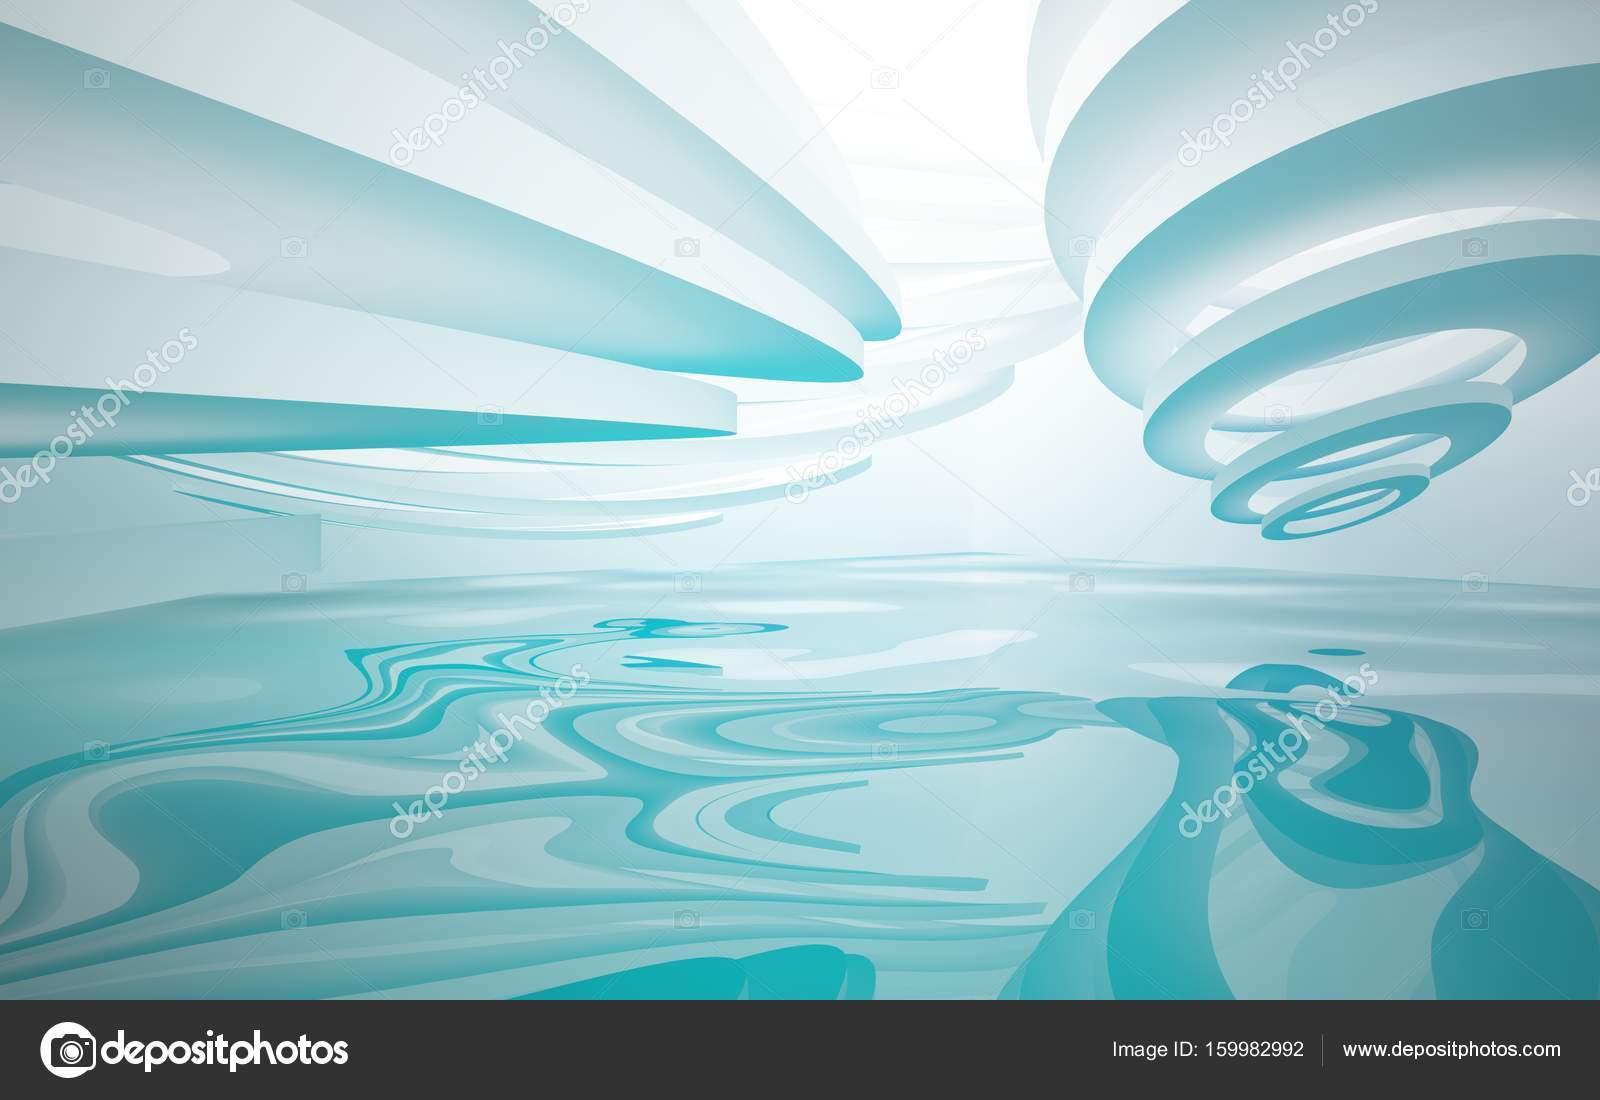 abstracte dynamische witte en blauwe interieur met gladde objecten 3d illustratie en rendering foto van sergeymansurov